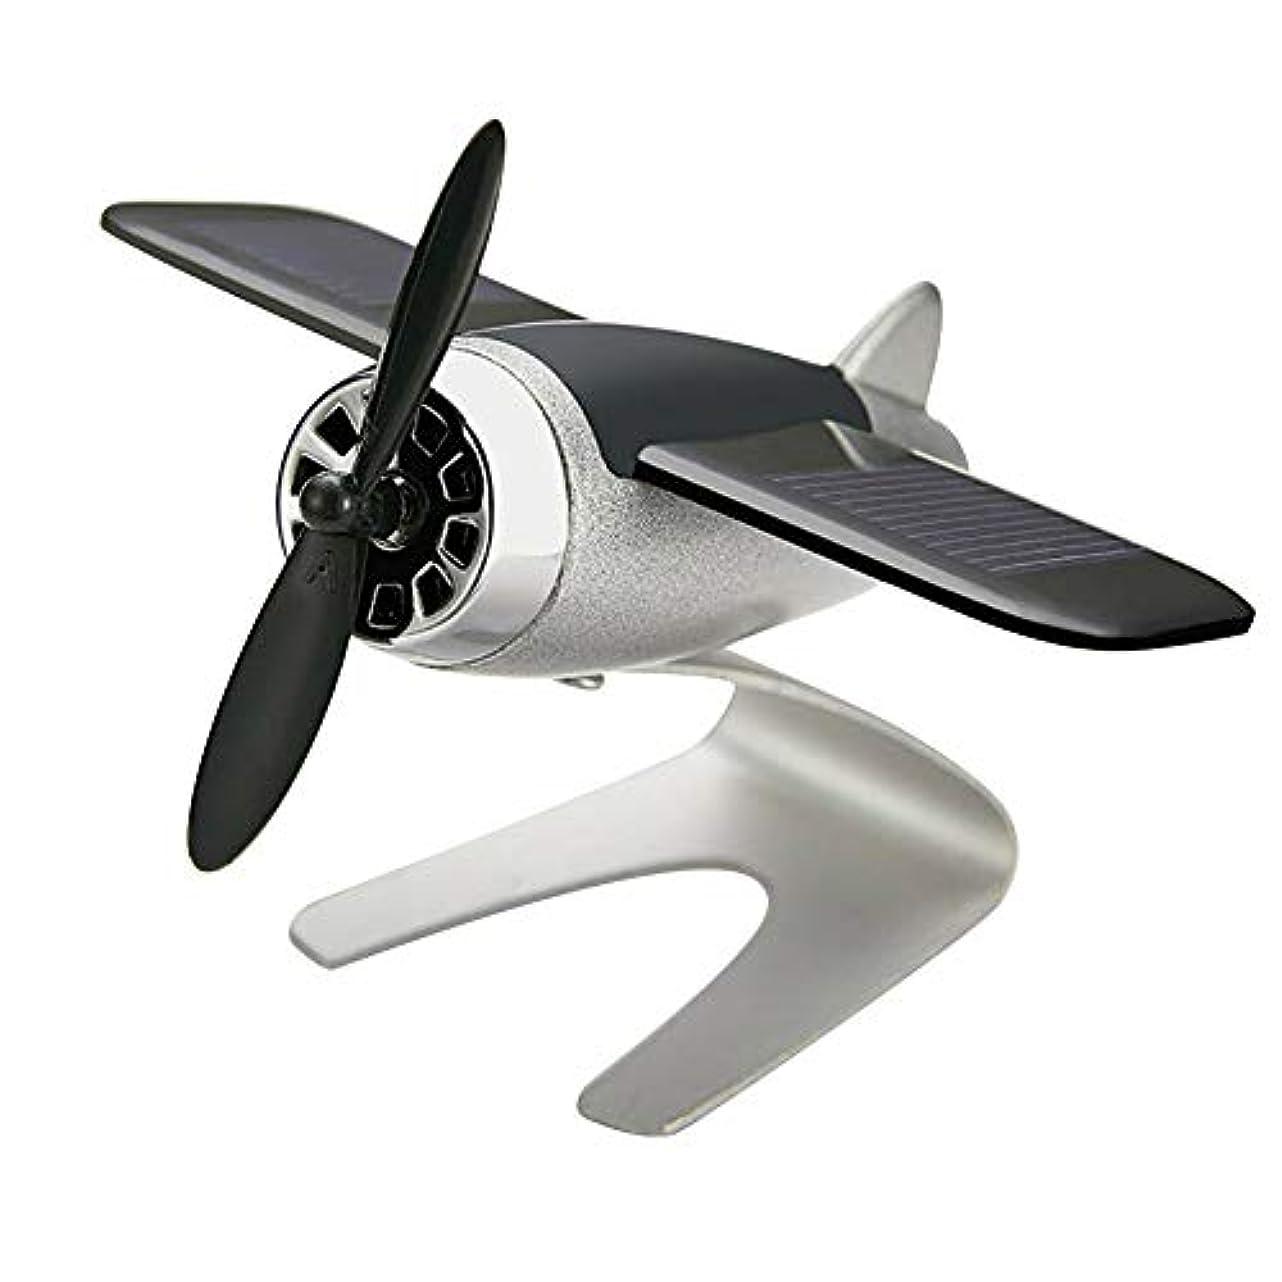 バッジ瞑想的コンクリートSymboat 車の芳香剤飛行機航空機モデル太陽エネルギーアロマテラピー室内装飾